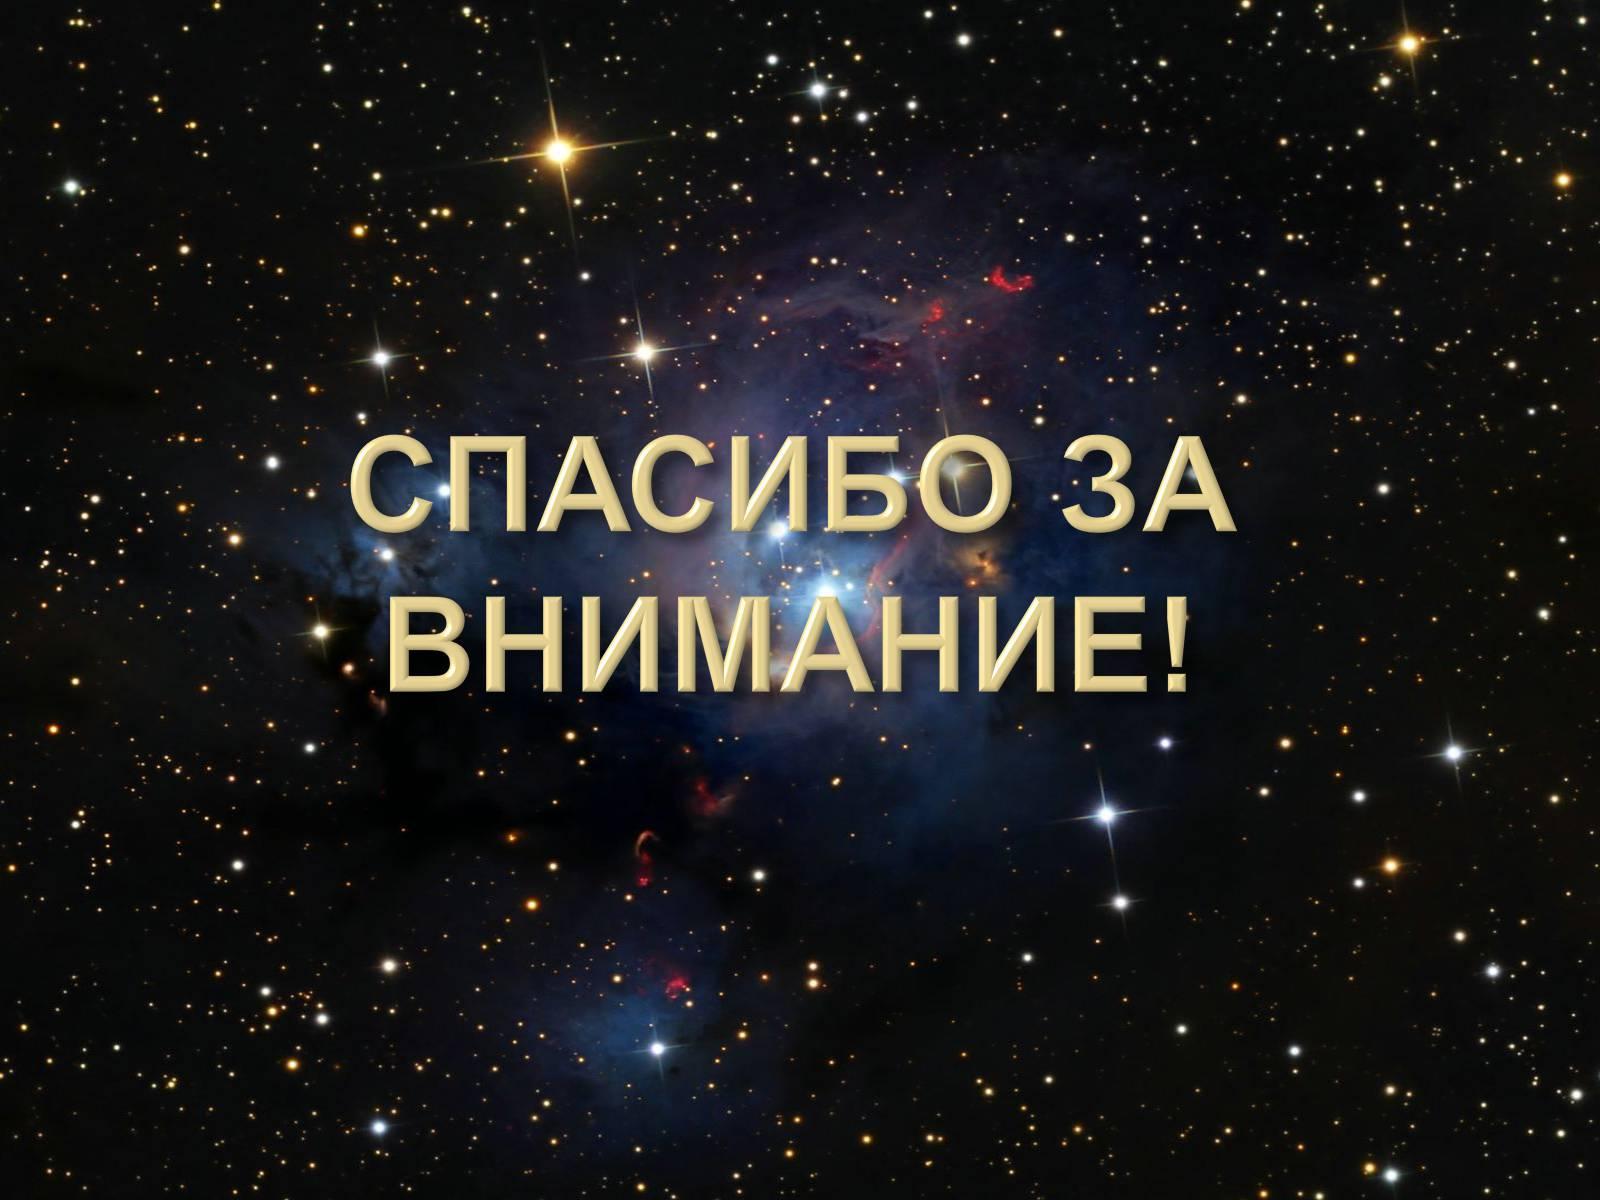 картинки спасибо за внимание космос картинки этом